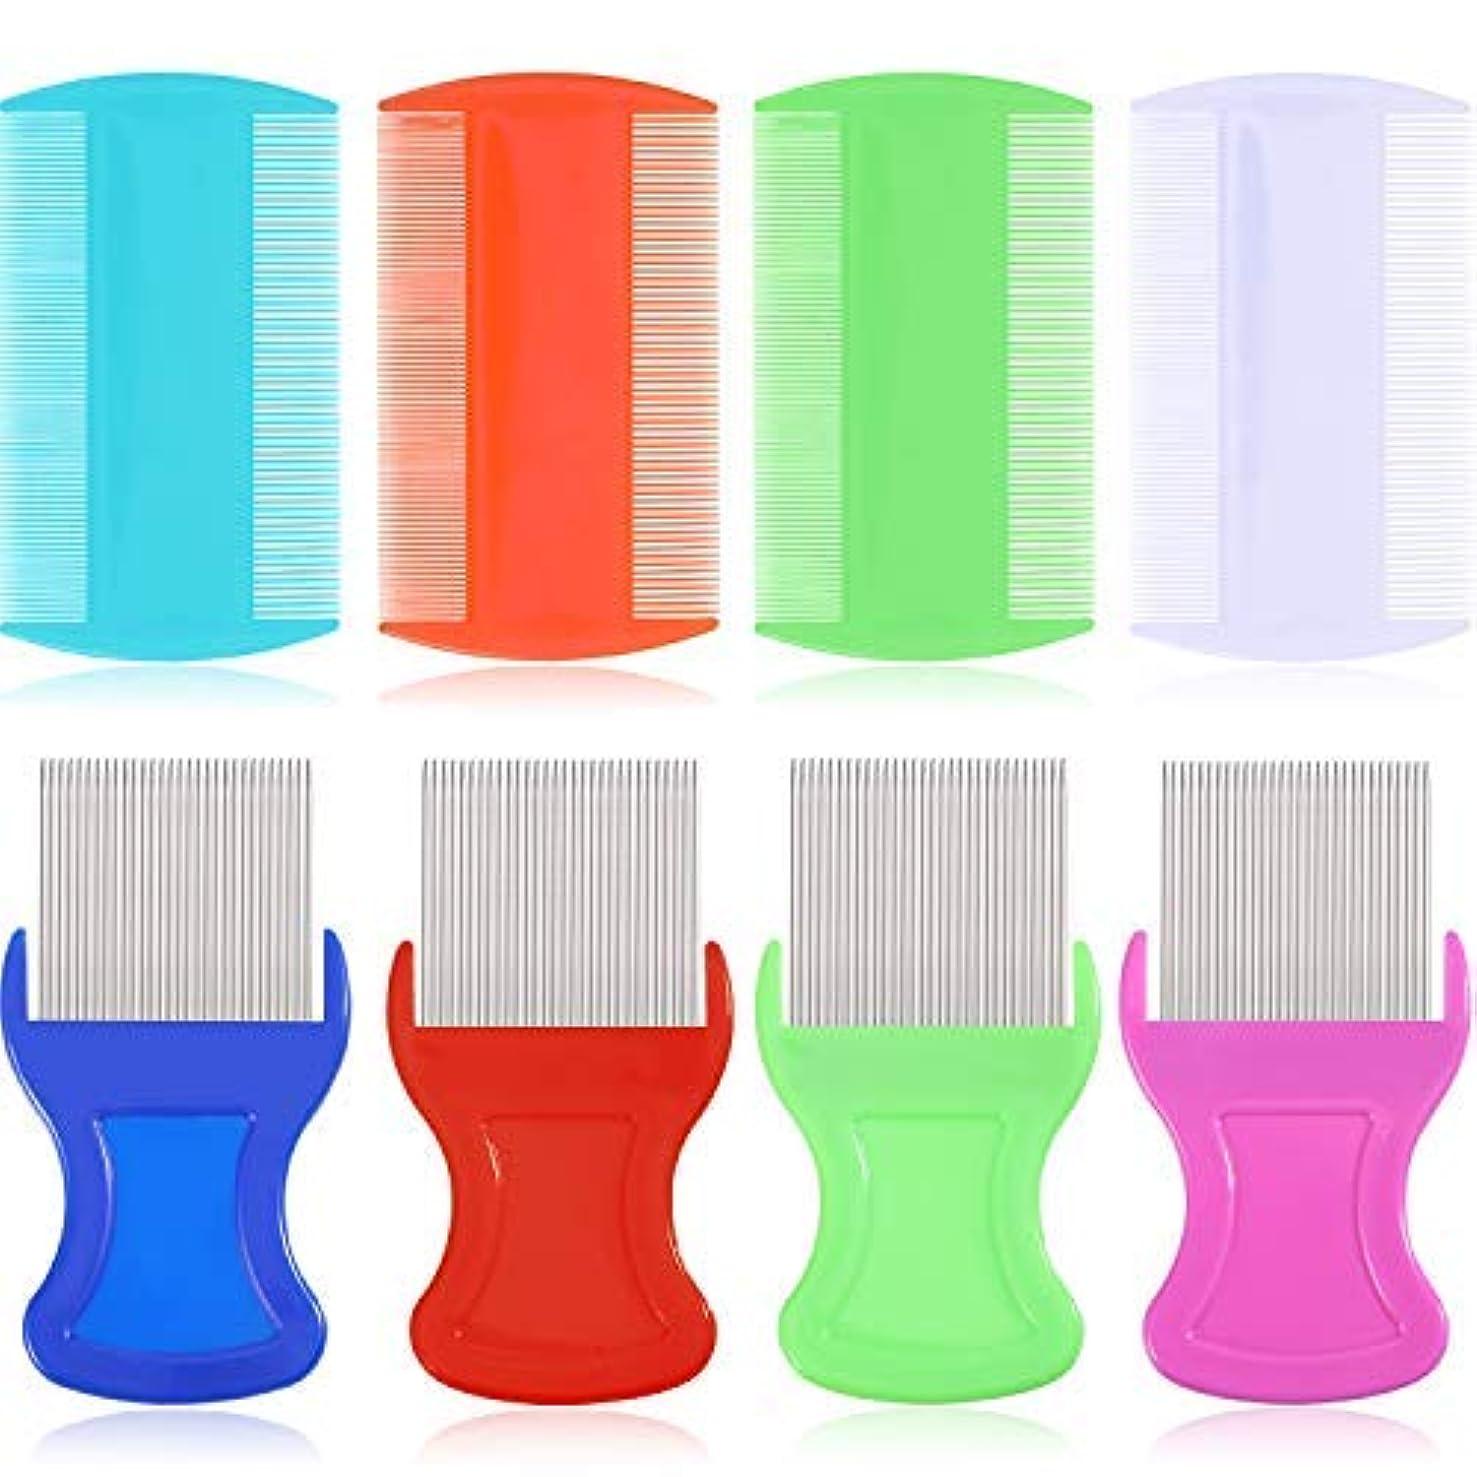 広告動力学徴収8 Pieces Flea Lice Comb Lice Removal Combs Include 4 Pieces Nit Remover with Metal Teeth and 4 Pieces Double Sided...